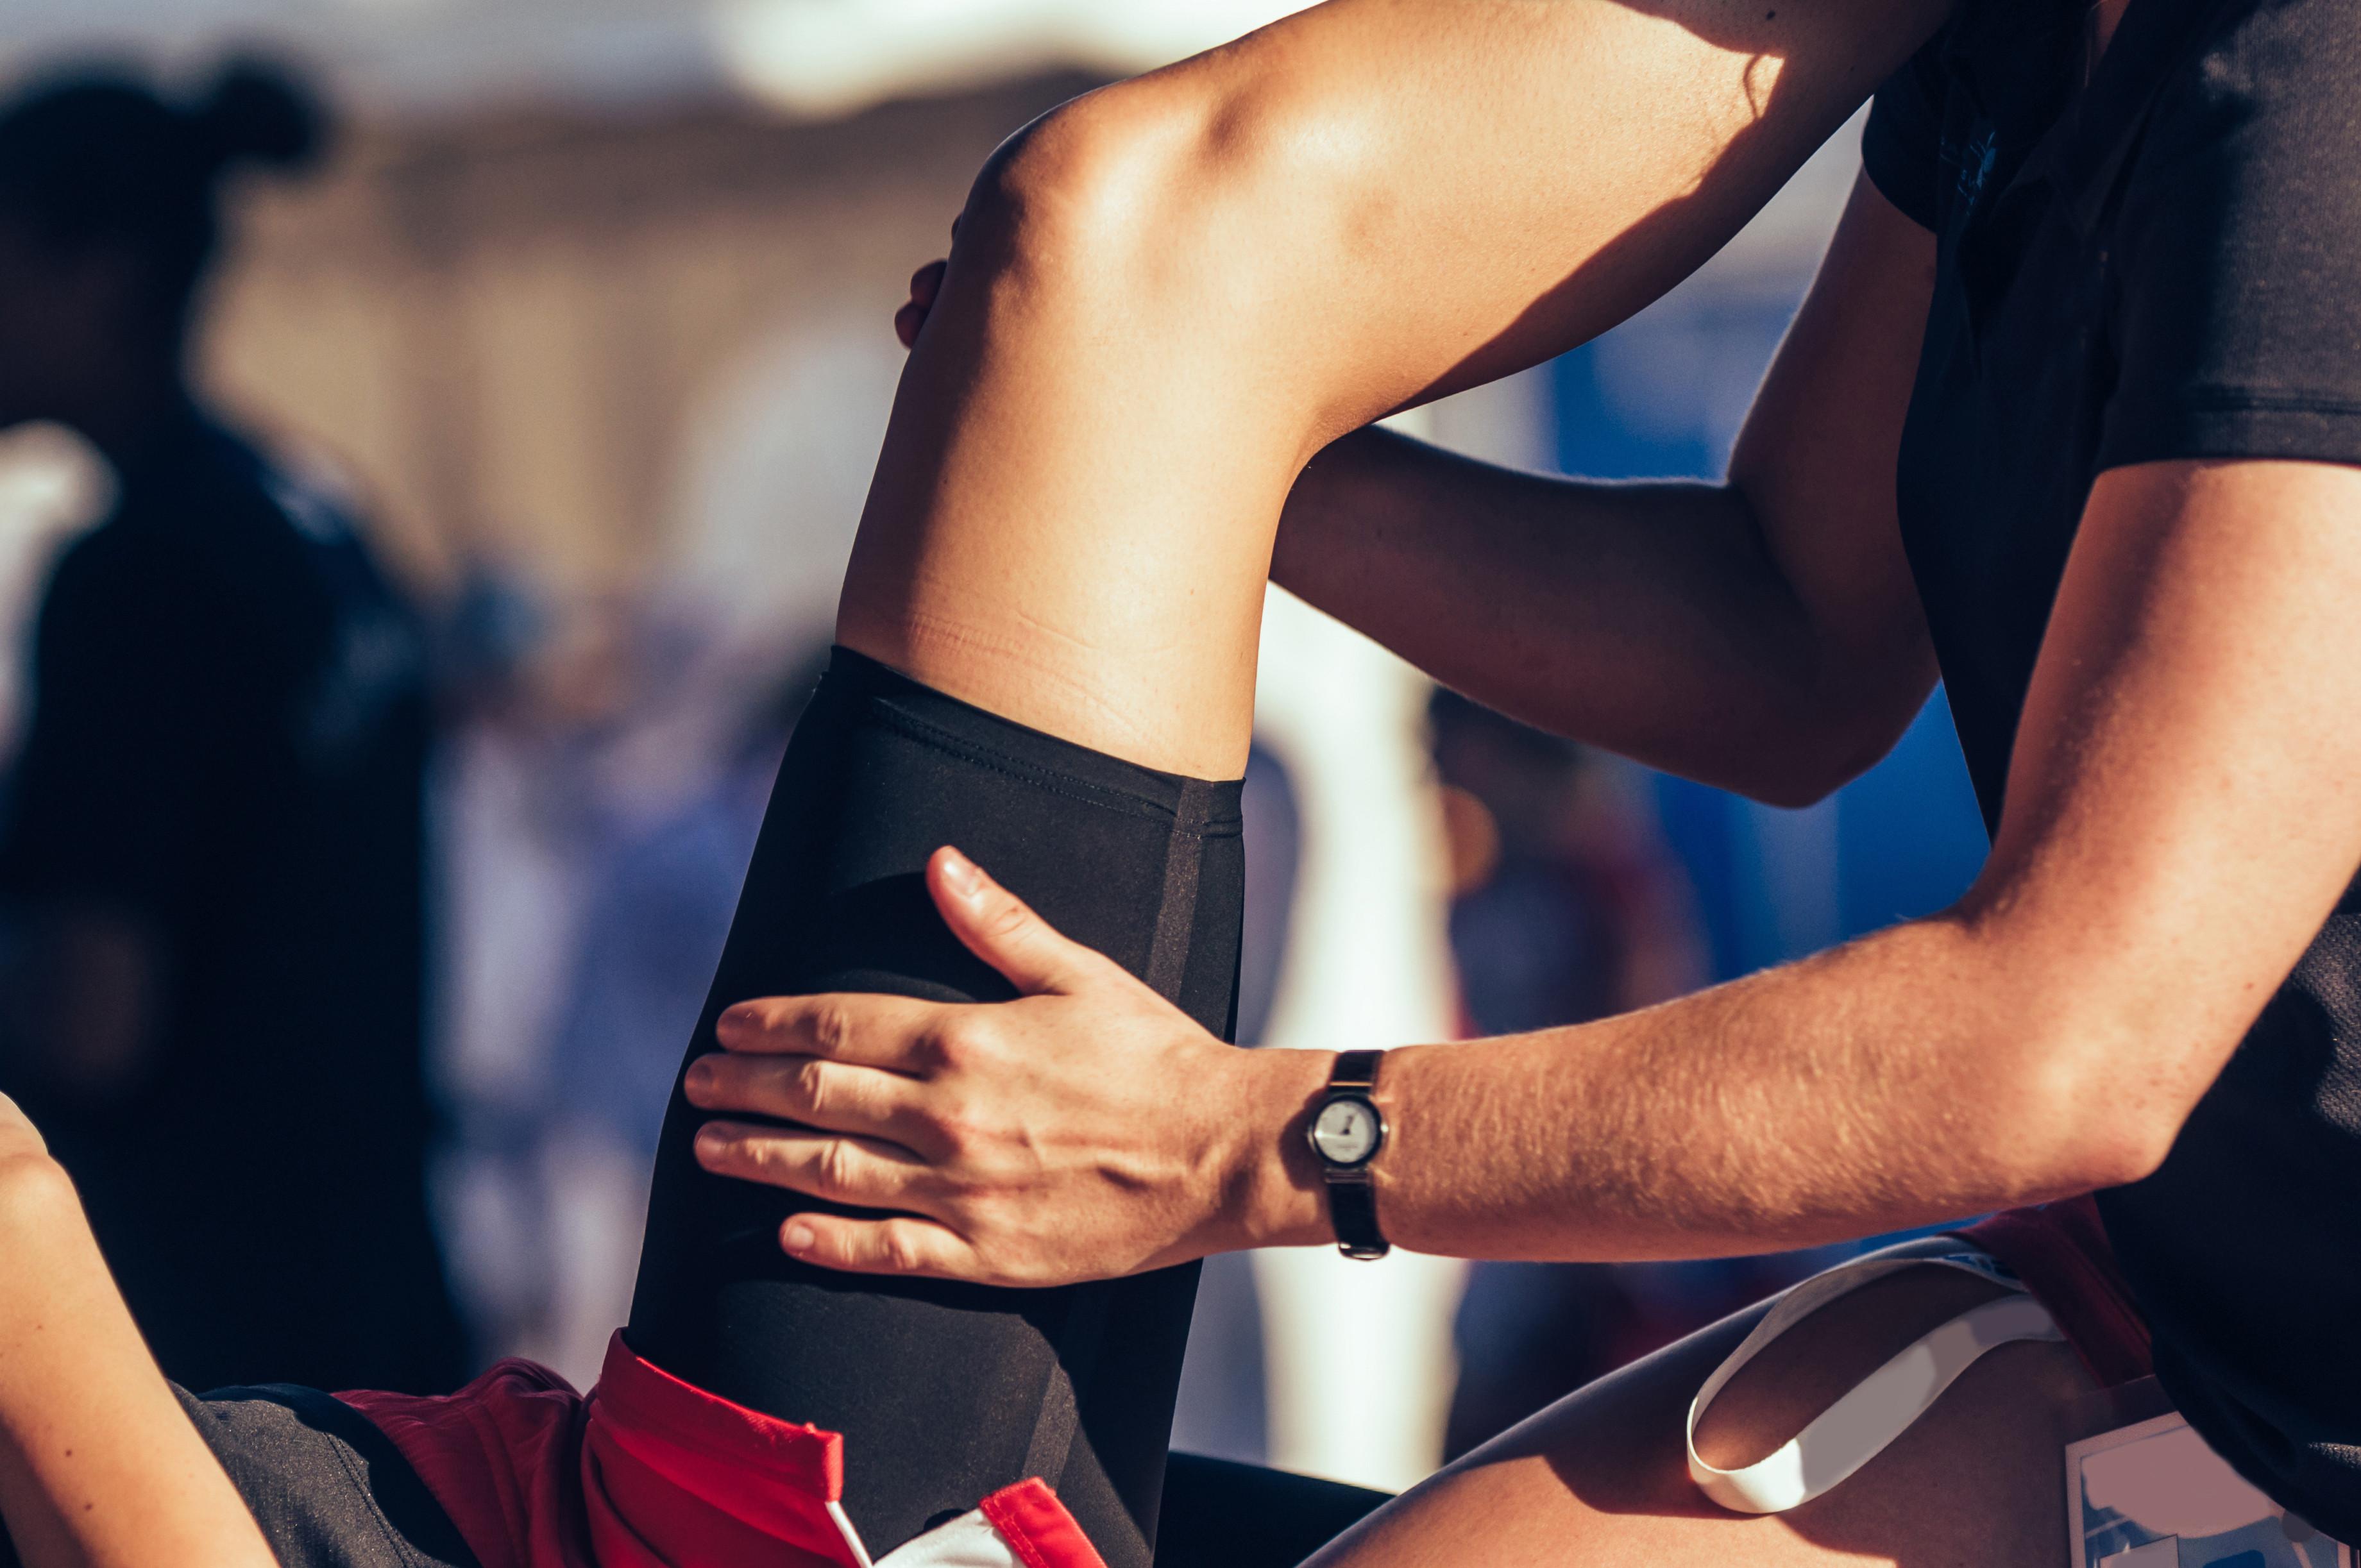 Sports Massage - 60 min